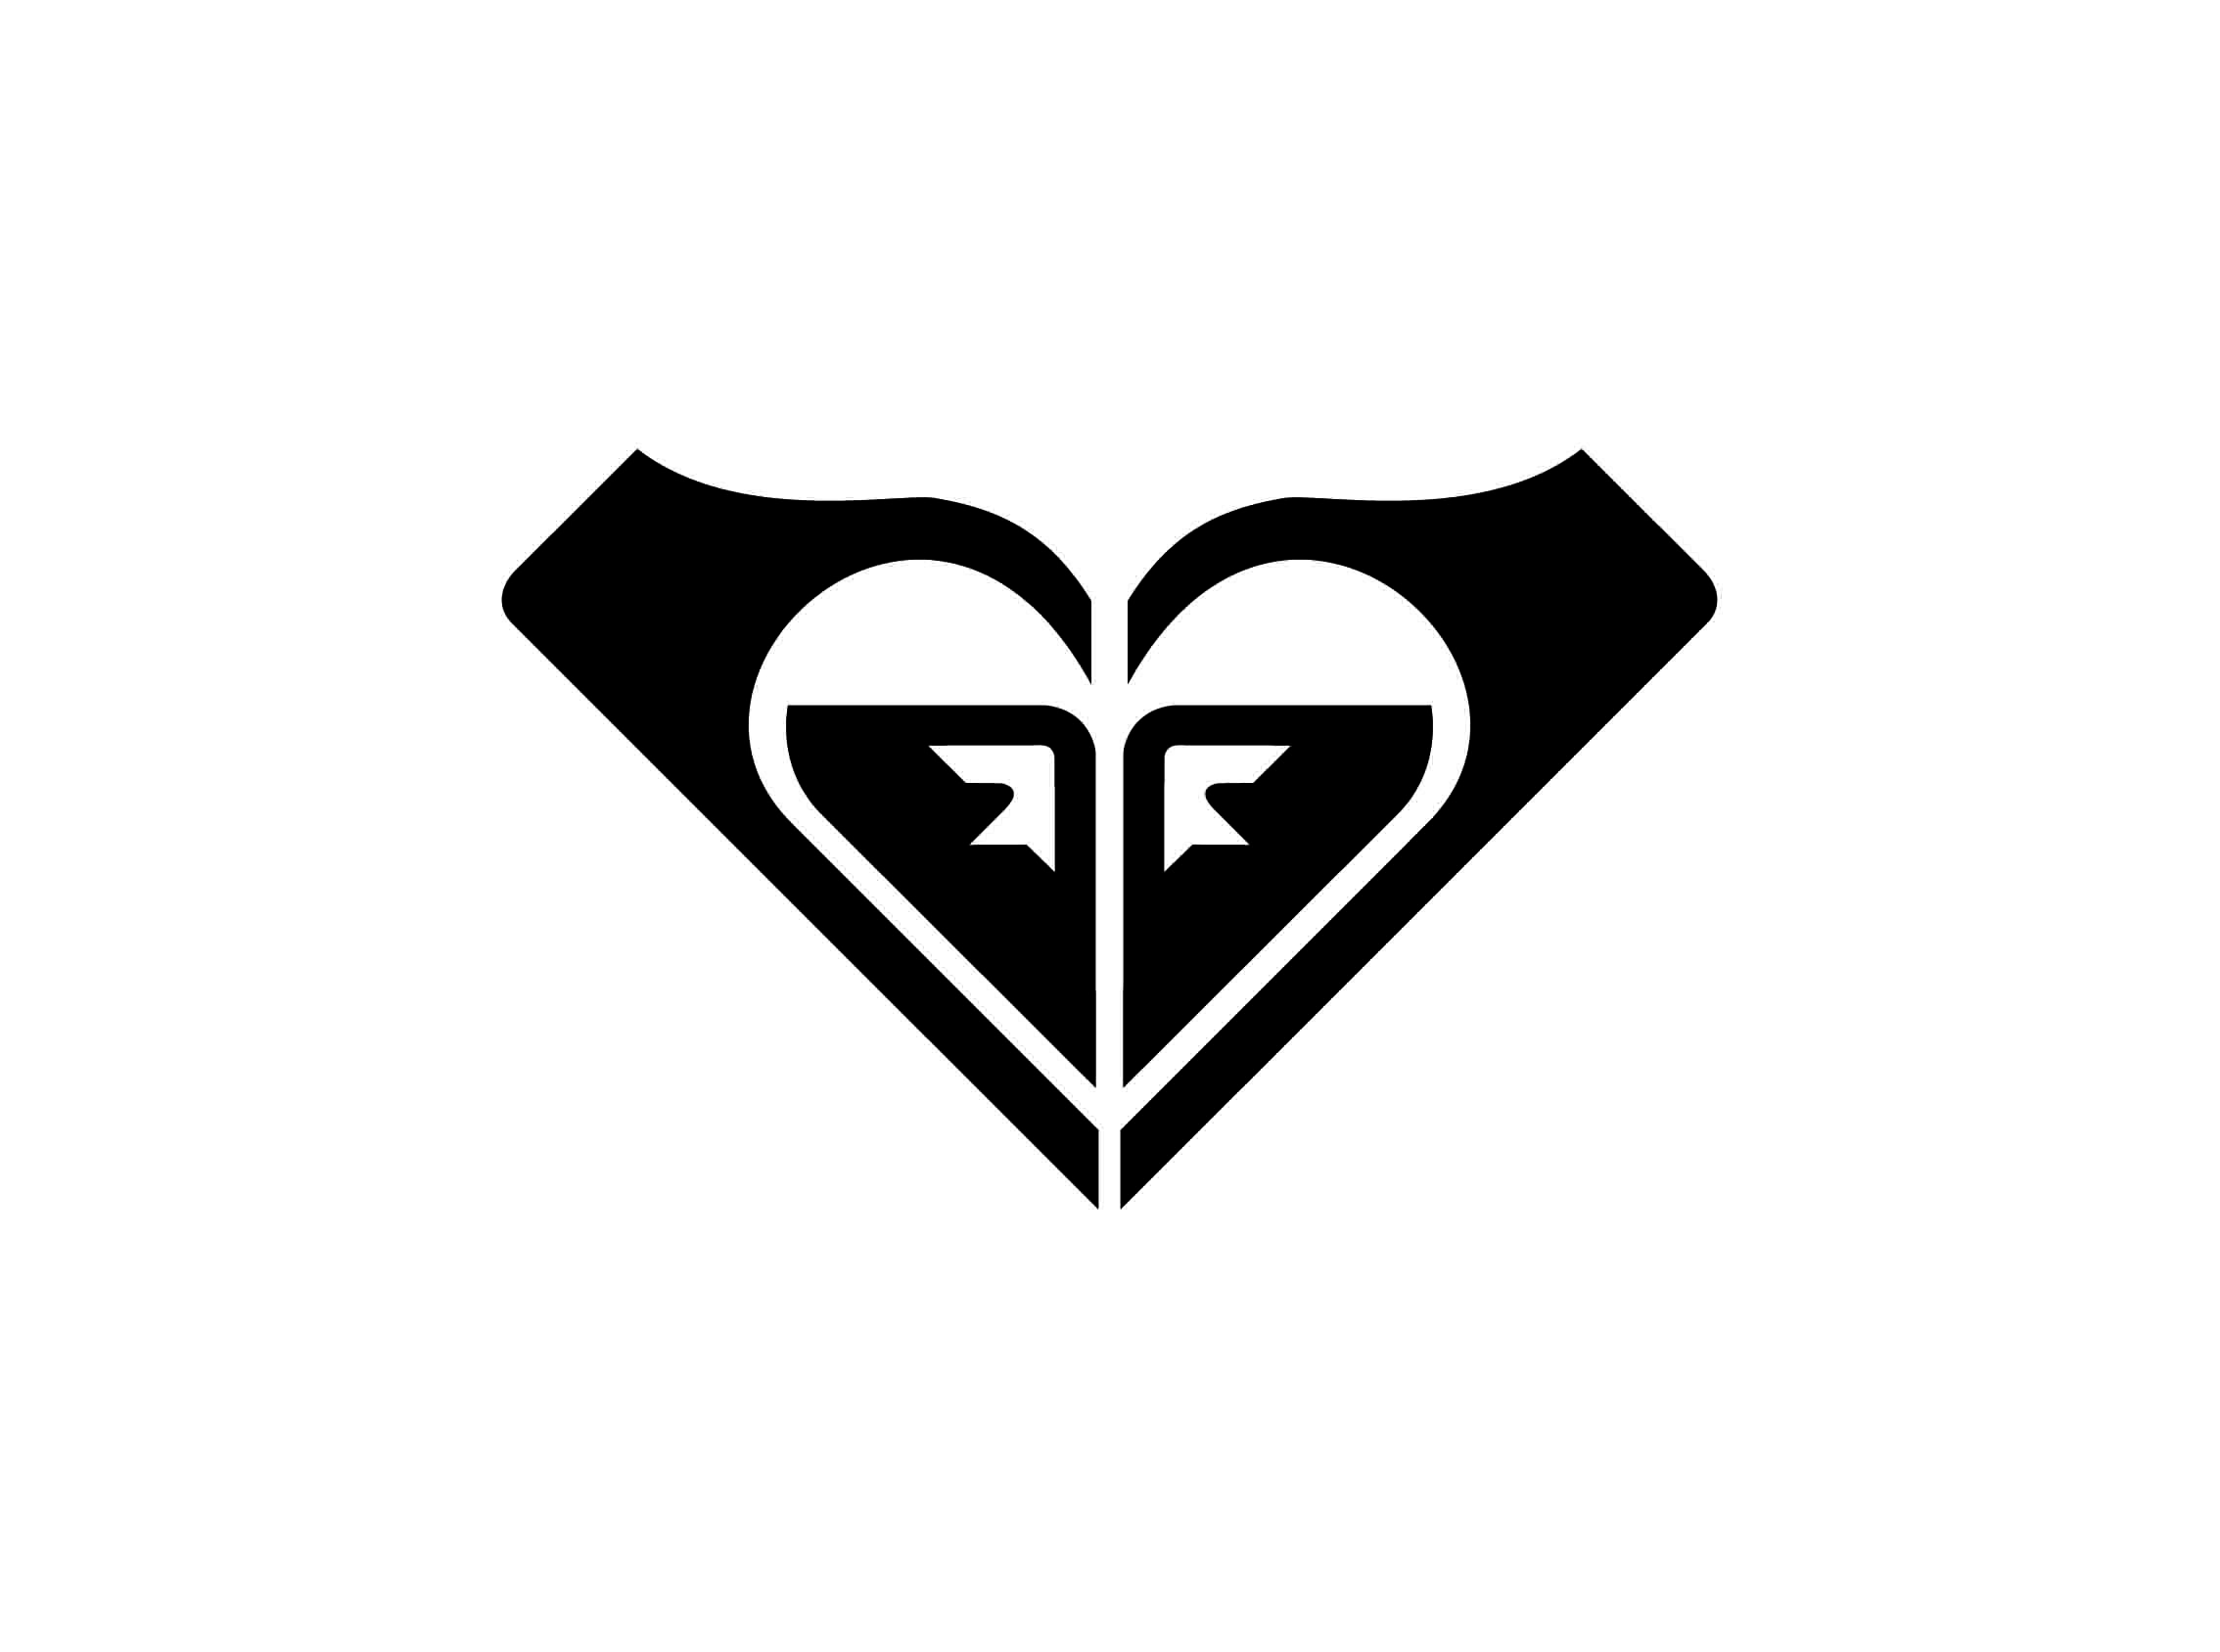 15 Logos De Marcas Con Significados Ocultos